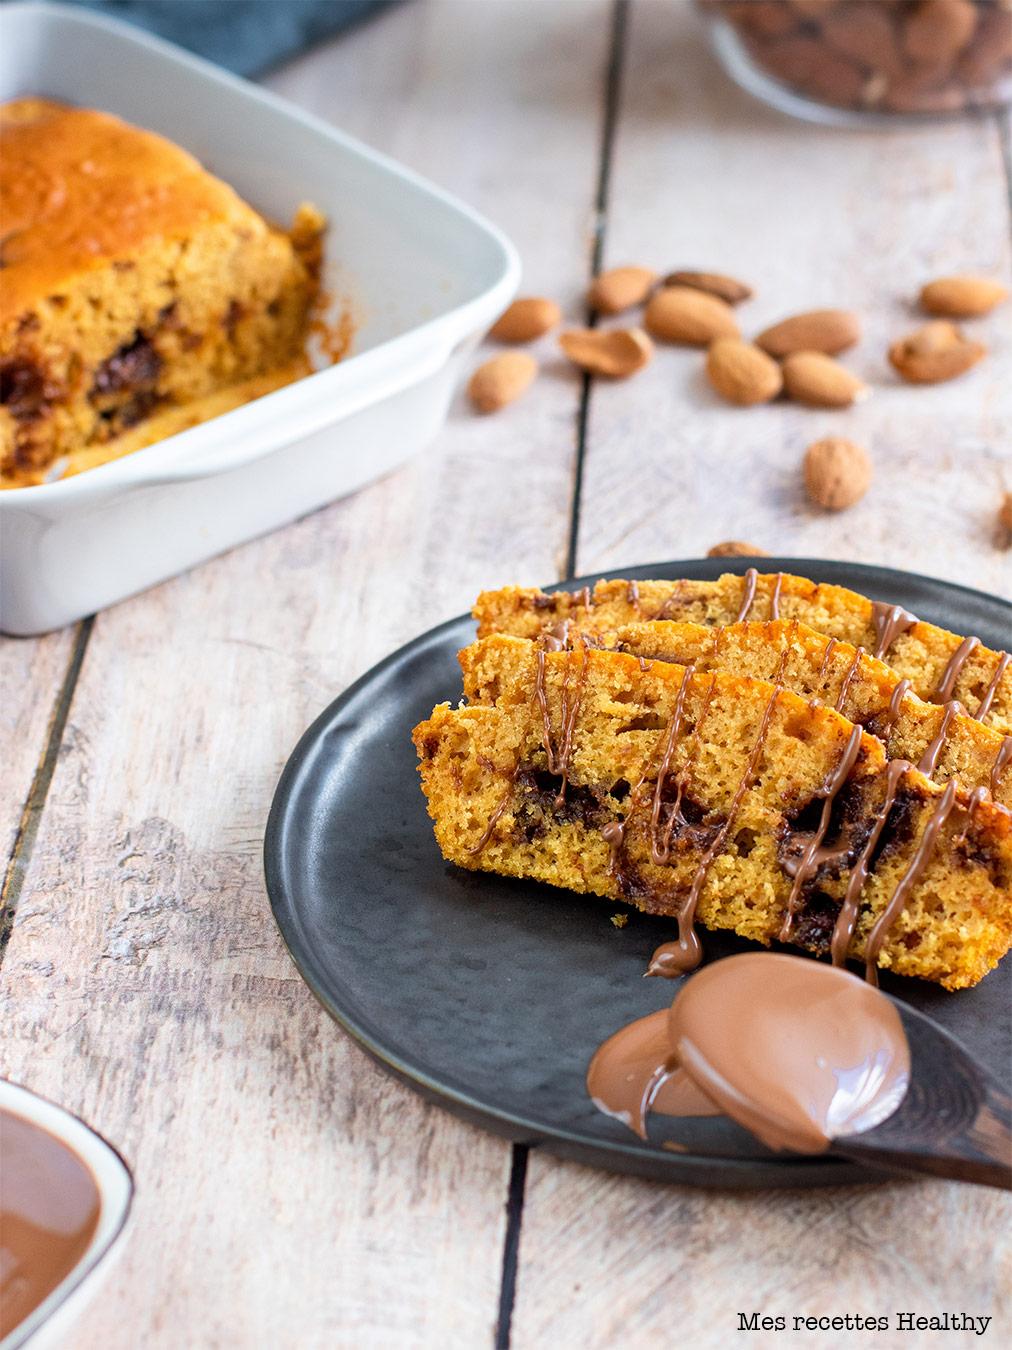 recette healthy-gateau au maïs-orange-chocolat-moelleux-farine de maïs